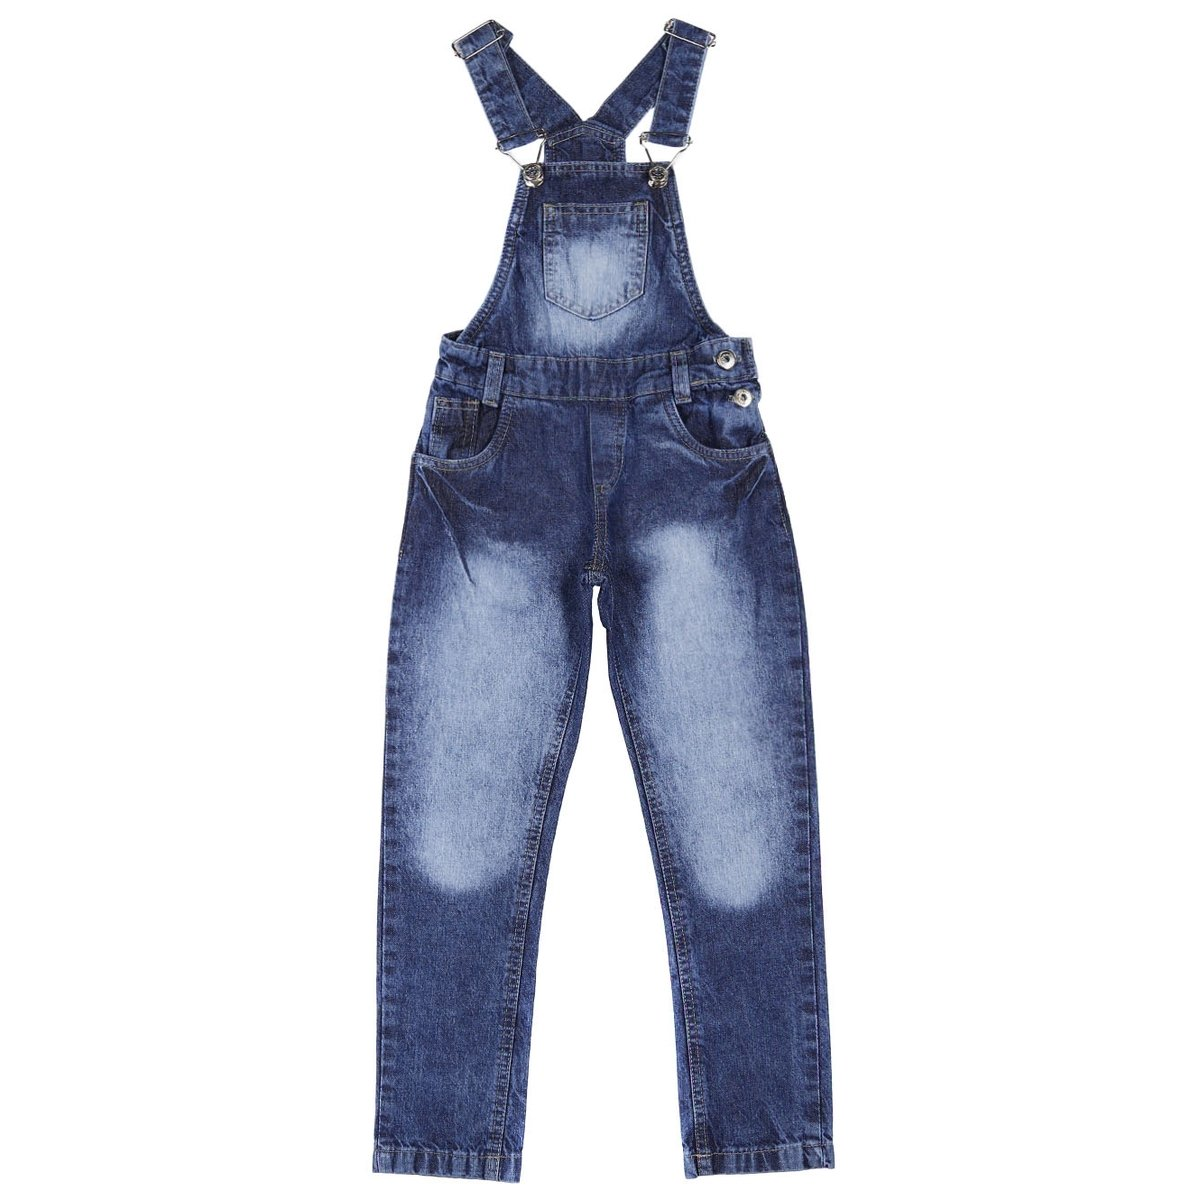 838493ccf Macacão Jardineira Infantil Para Menina - Azul - Compre Agora